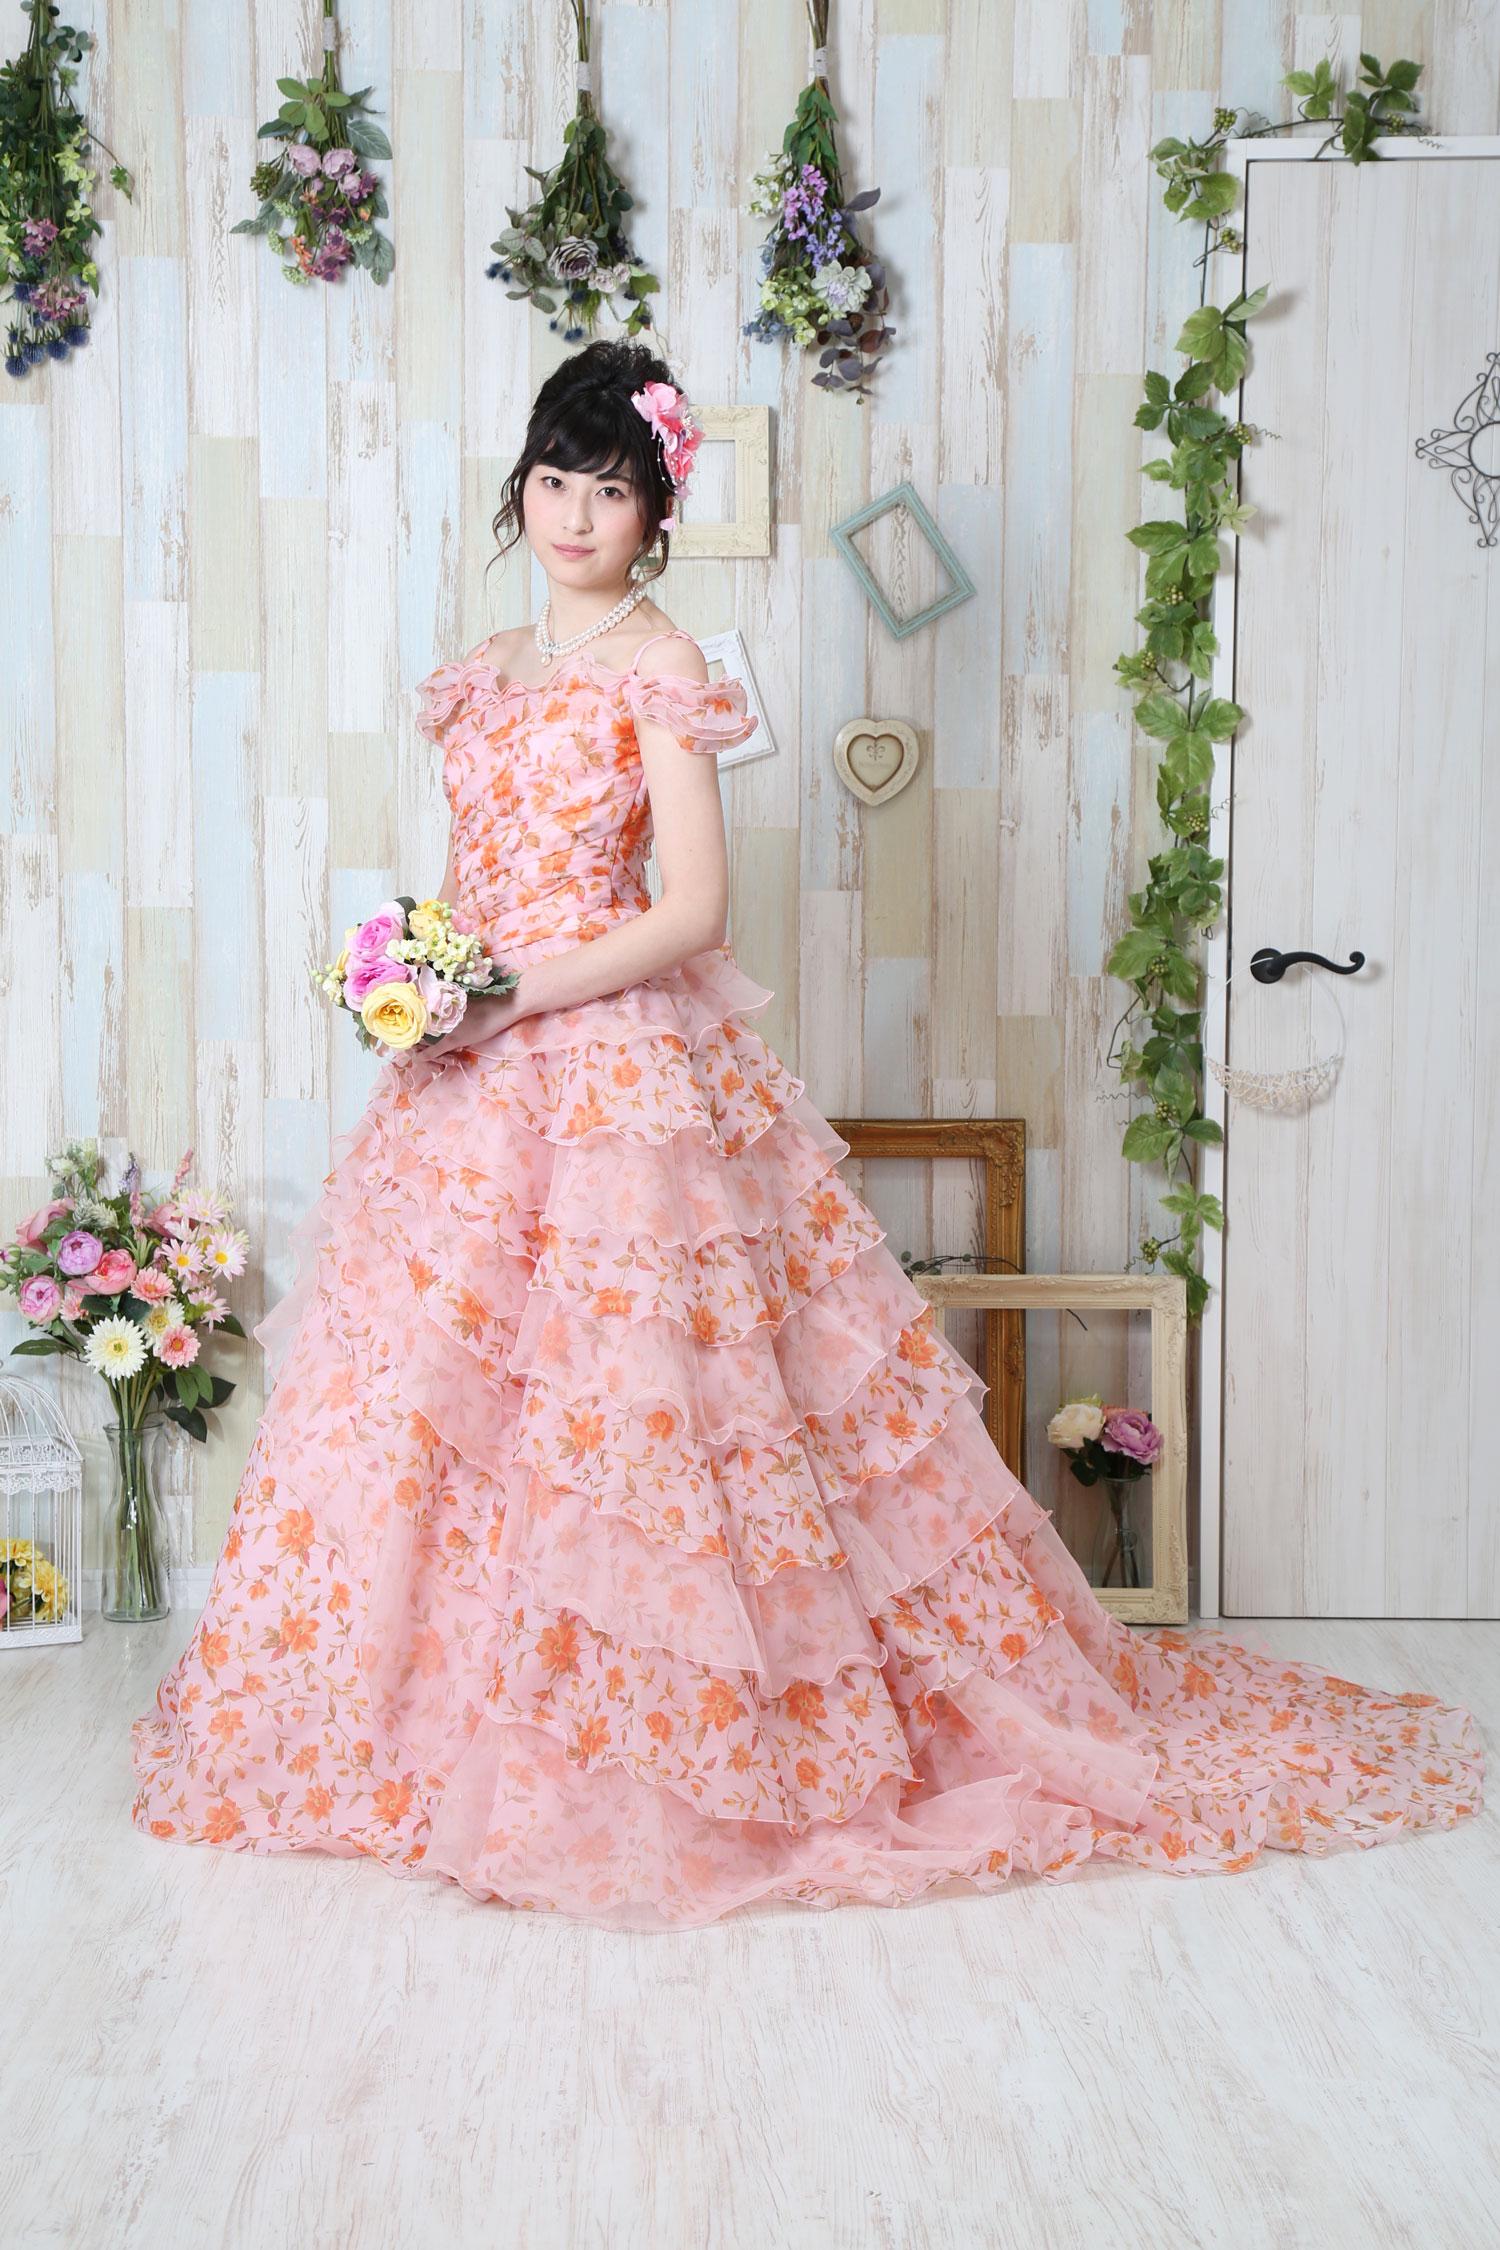 ★20180211-ドレス衣装撮影_192---コピー